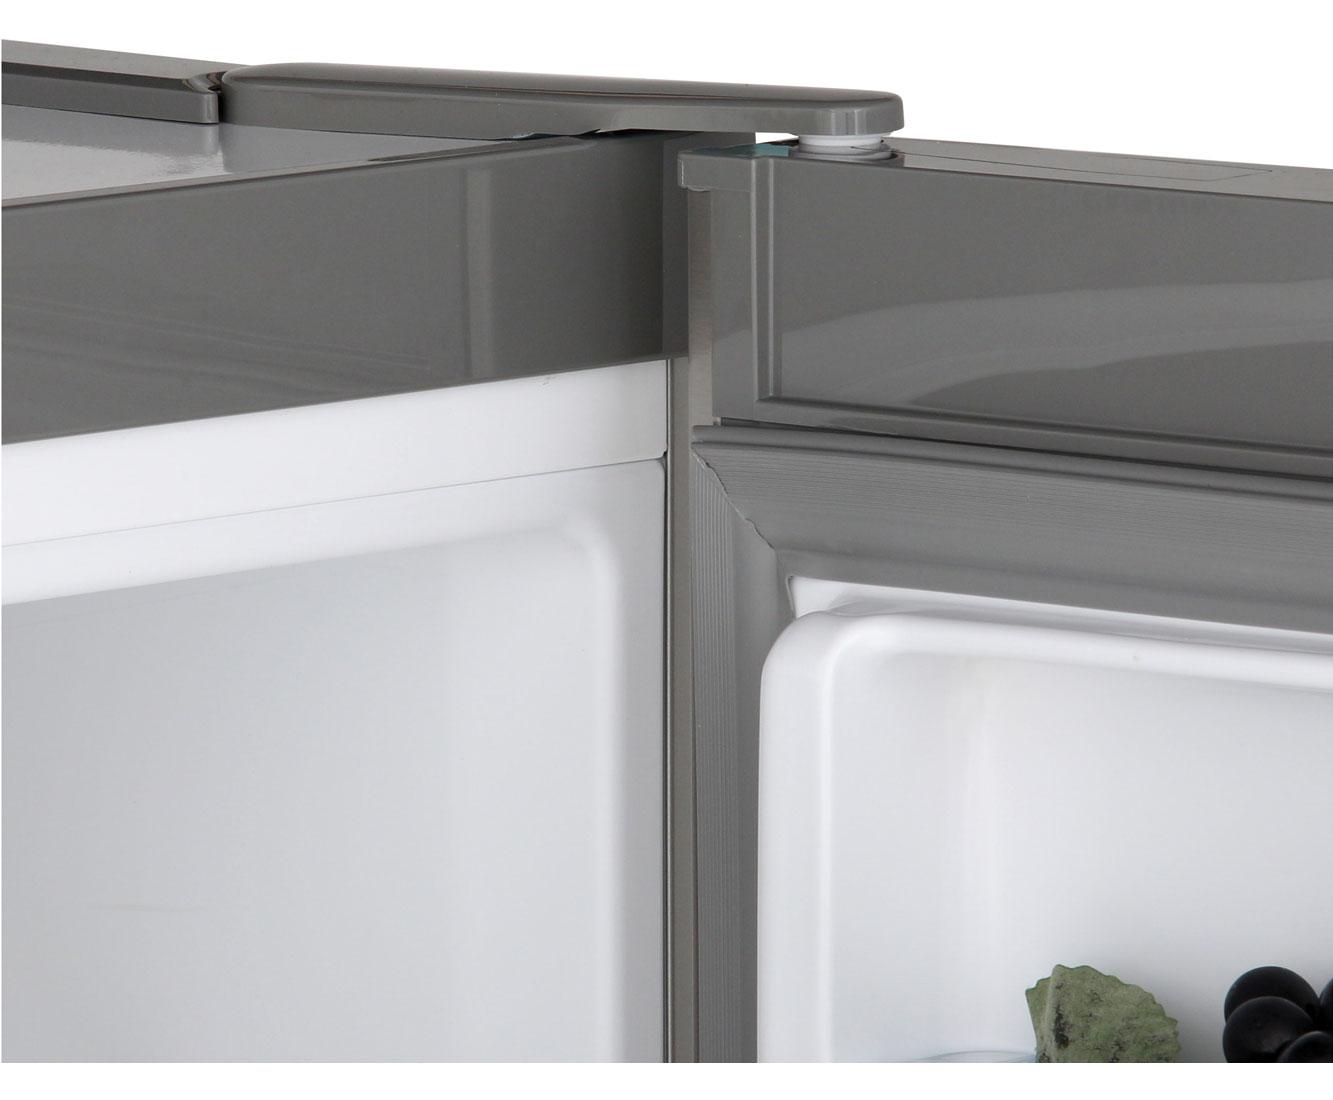 Siemens Kühlschrank Rückseite : Siemens iq kg nxi kühl gefrierkombination mit no frost